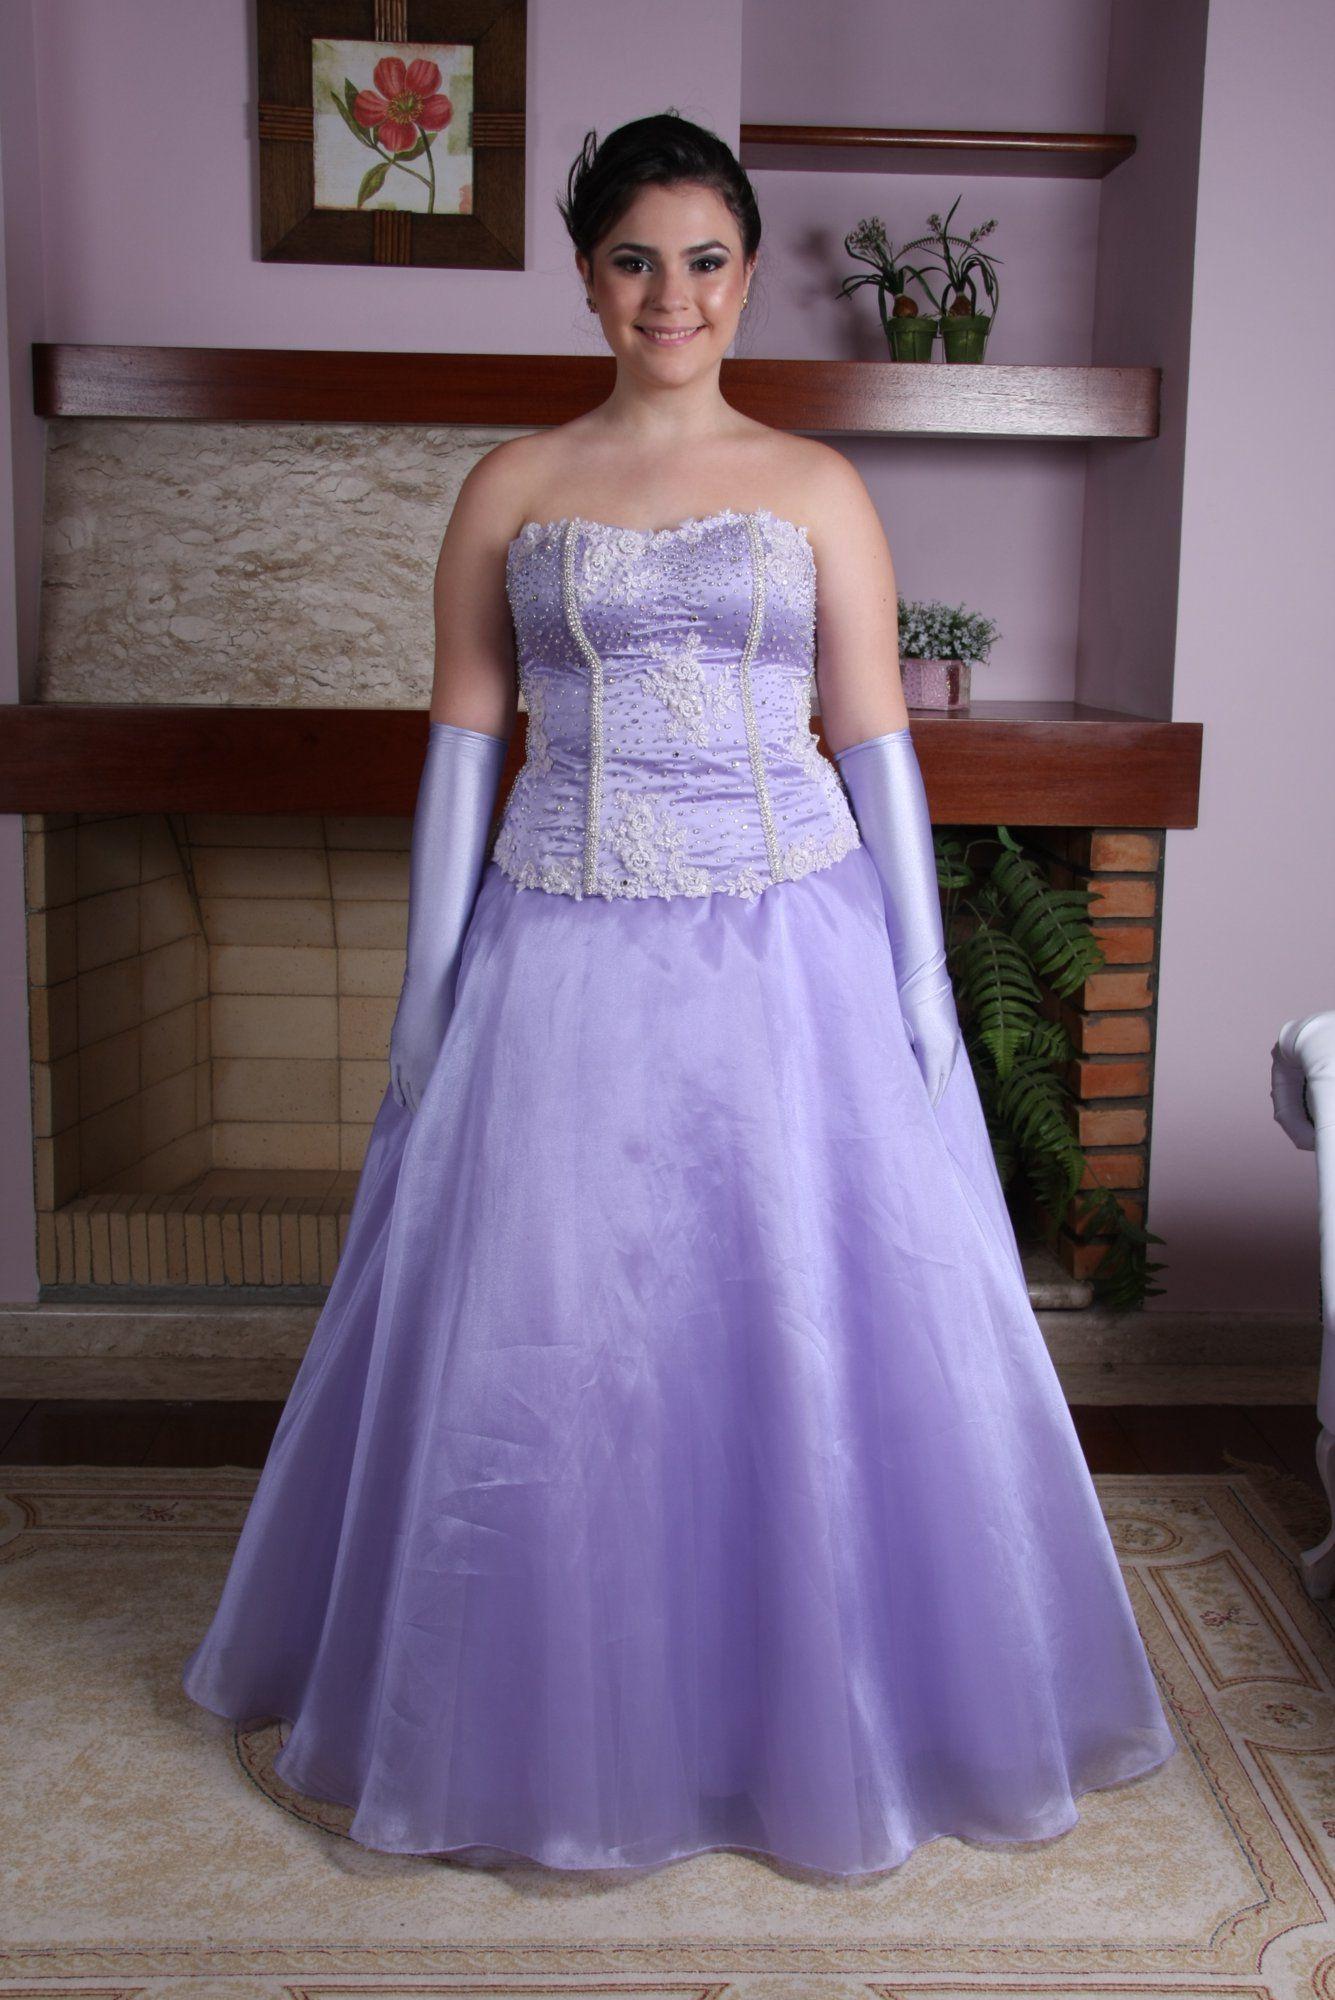 2cb862bba Vestido de Debutante Lilas em Campinas 8 - Hipnose Alta Costura e ...